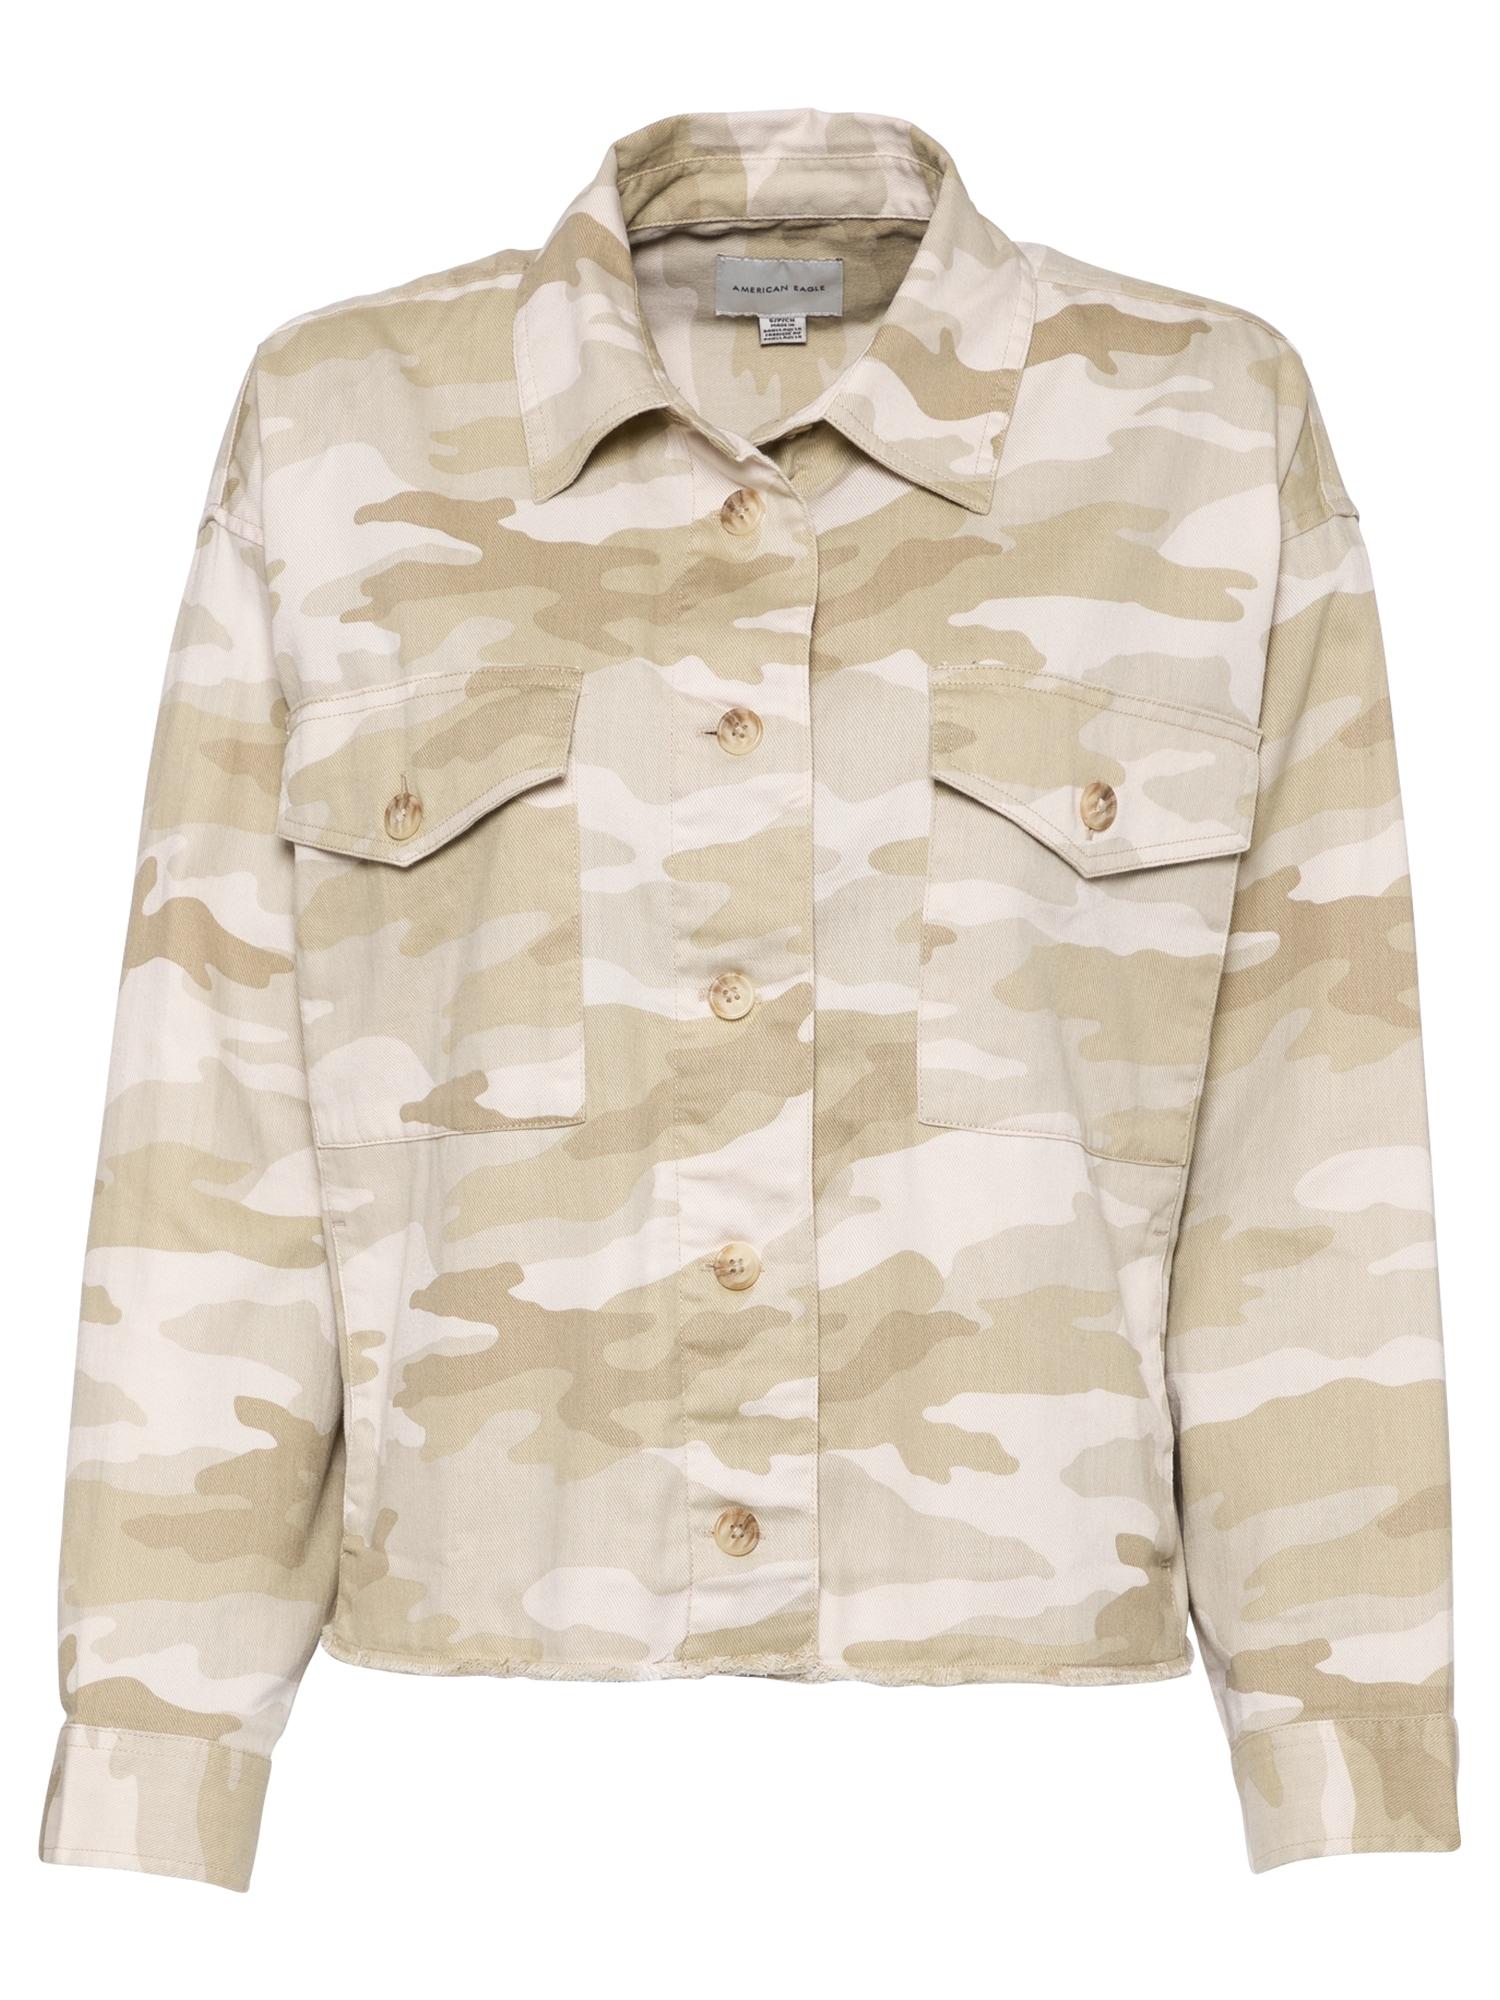 American Eagle Demisezoninė striukė šviesiai ruda / šviesiai pilka / balta